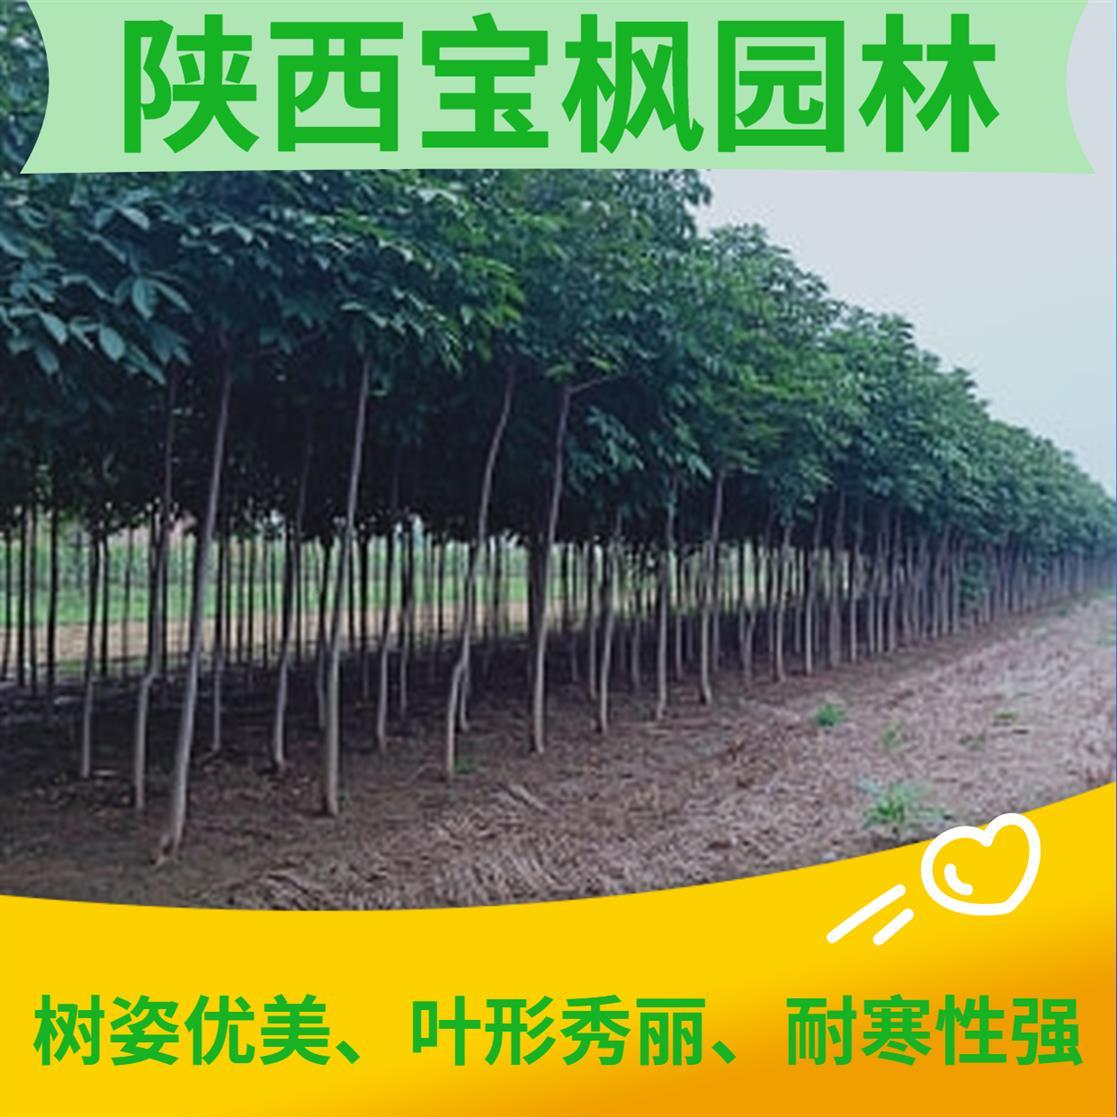 广州七叶树价格 雪松 看了5个苗木基地 就选他家了